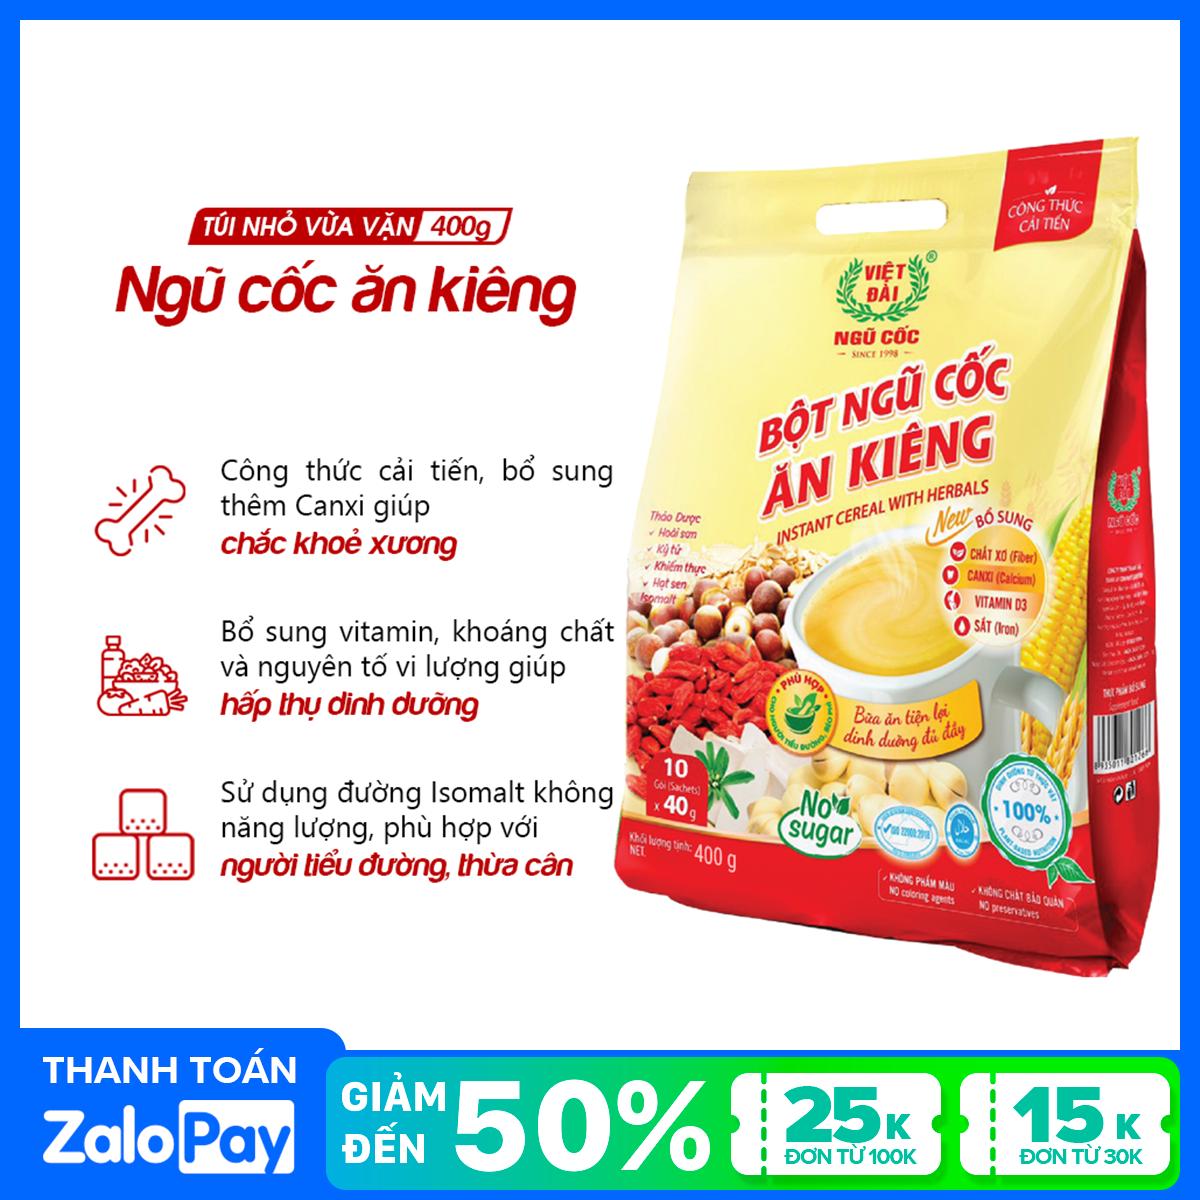 Bột ngũ cốc ăn kiêng Việt Đài túi 400g